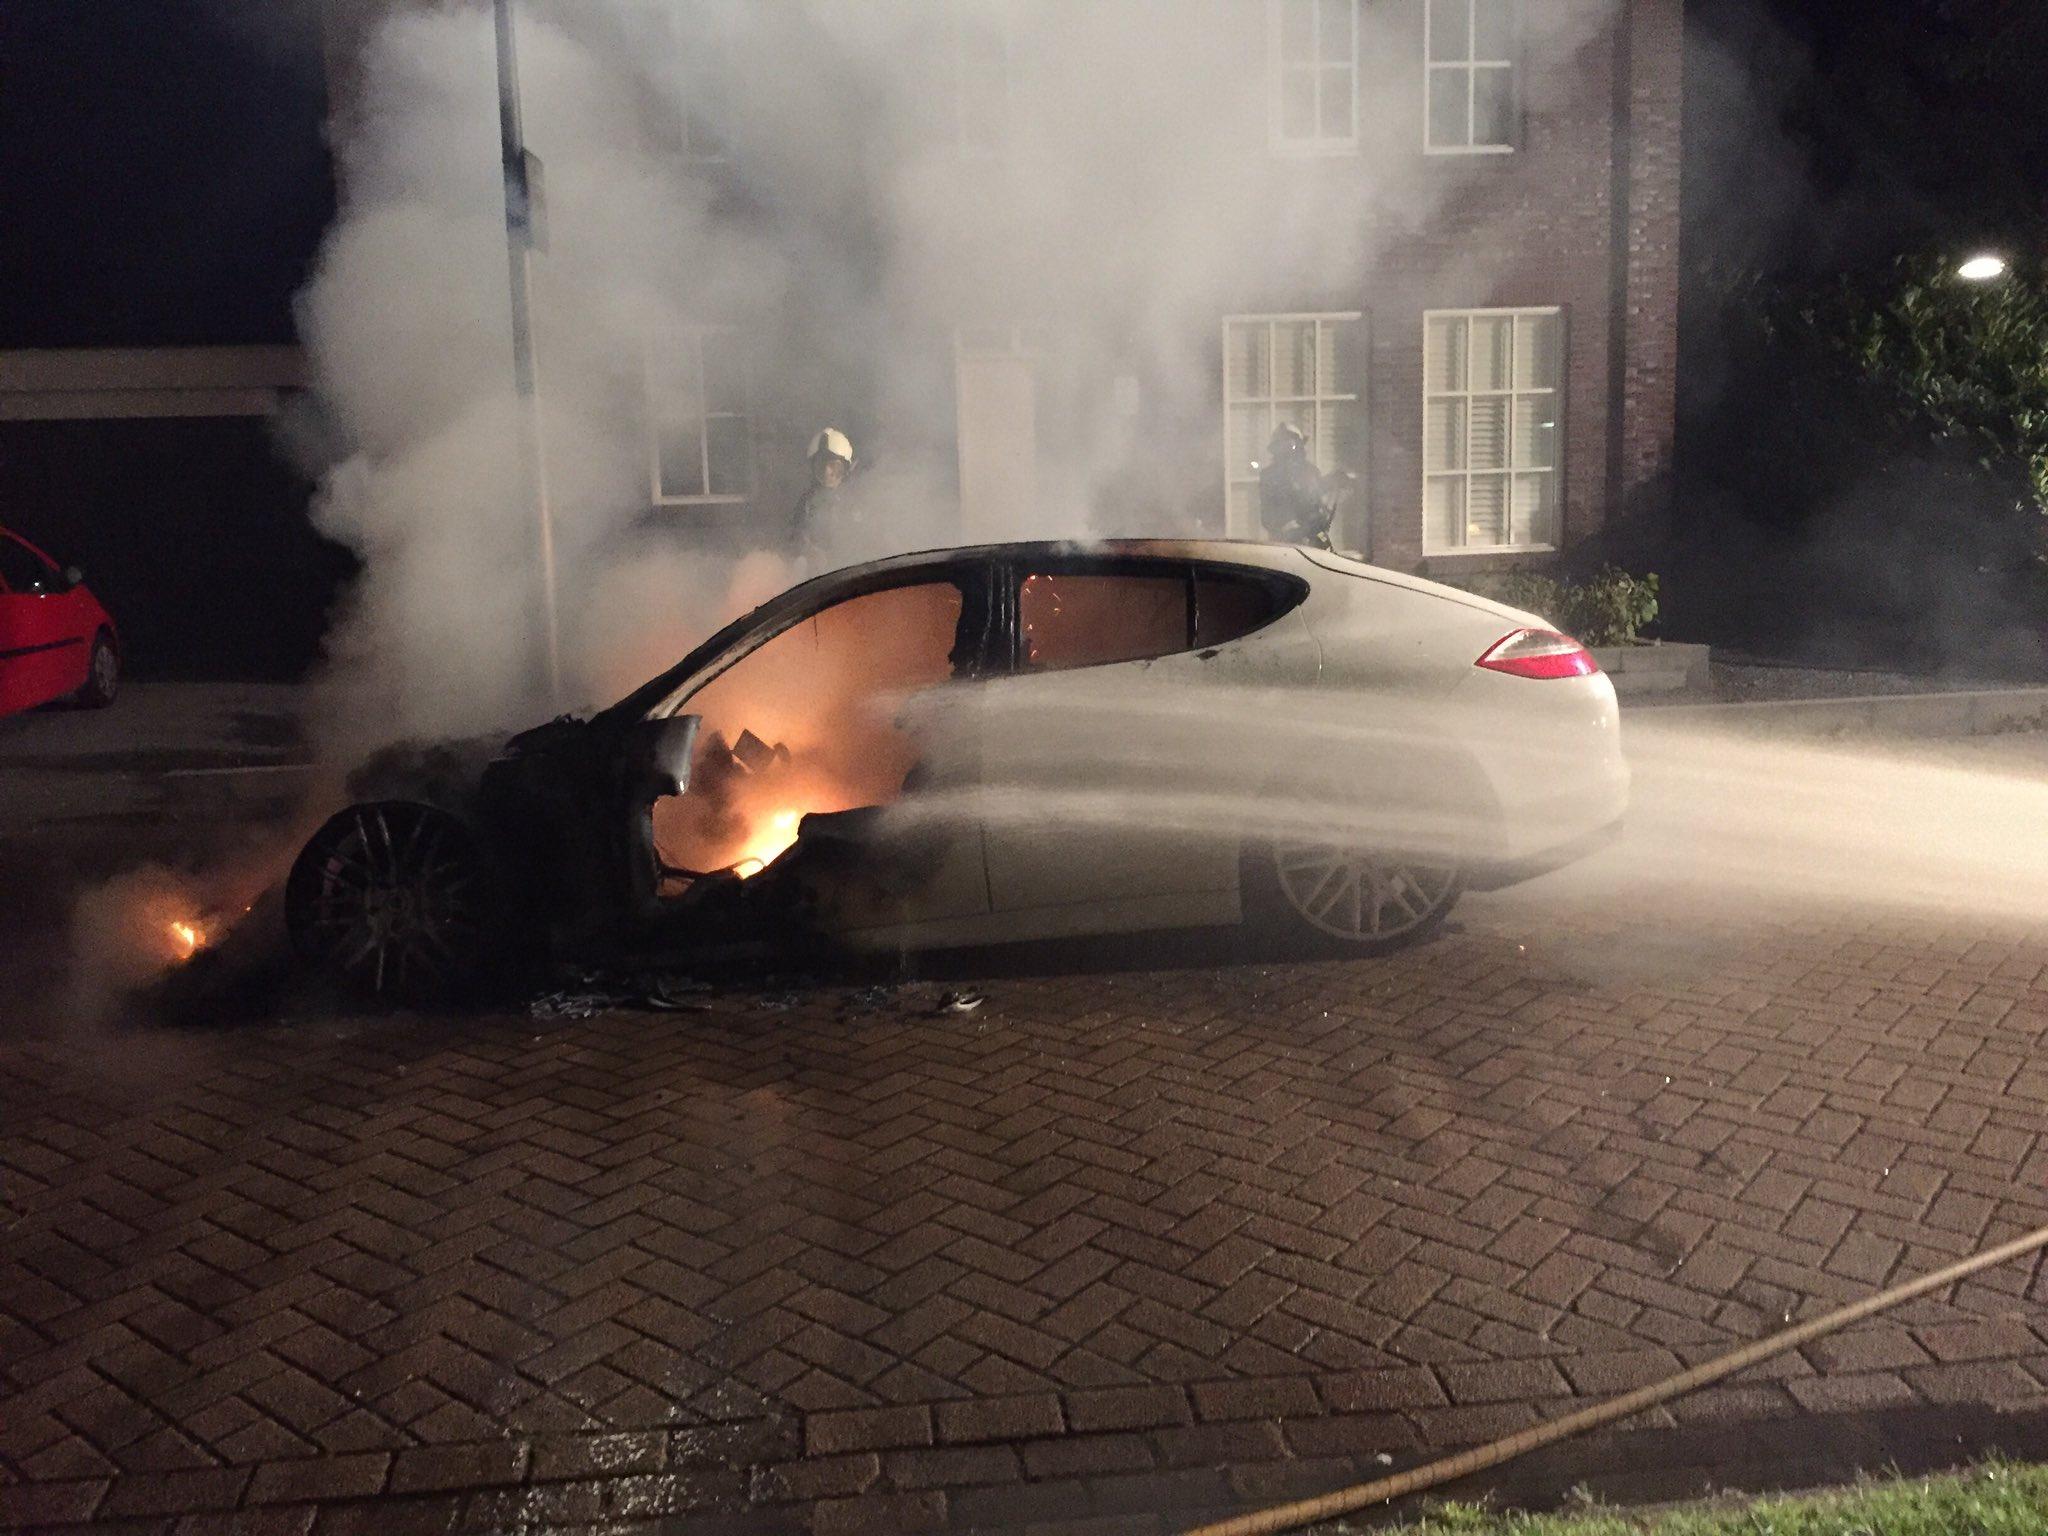 Politie zoekt getuigen na autobrand aan de Langehout in Assen